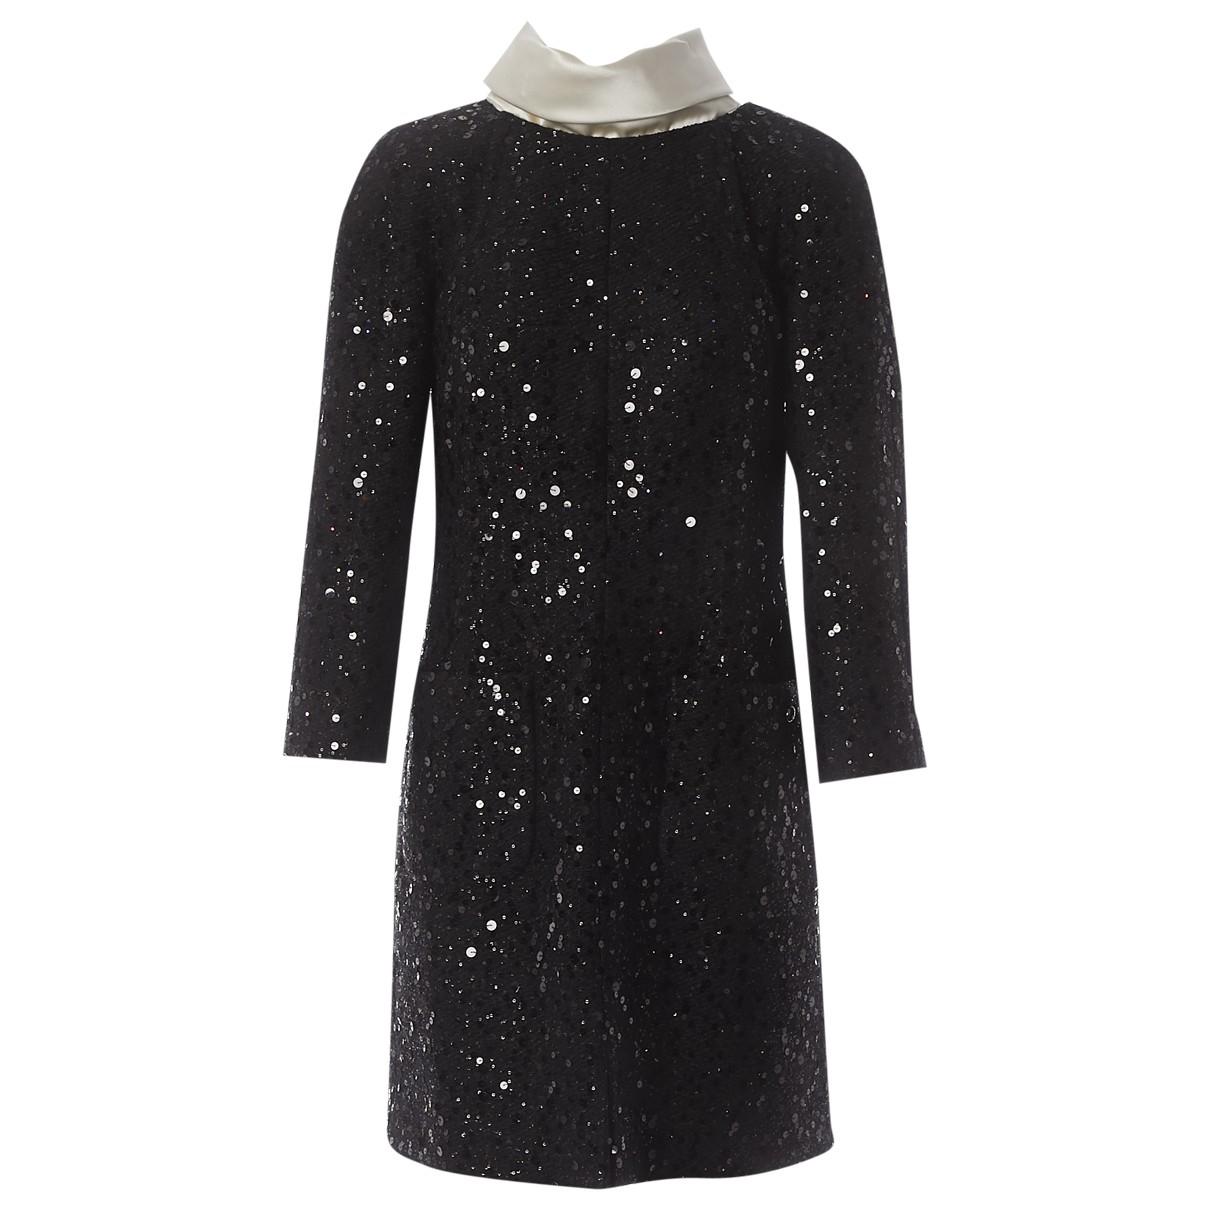 Chanel \N Kleid in  Schwarz Polyester